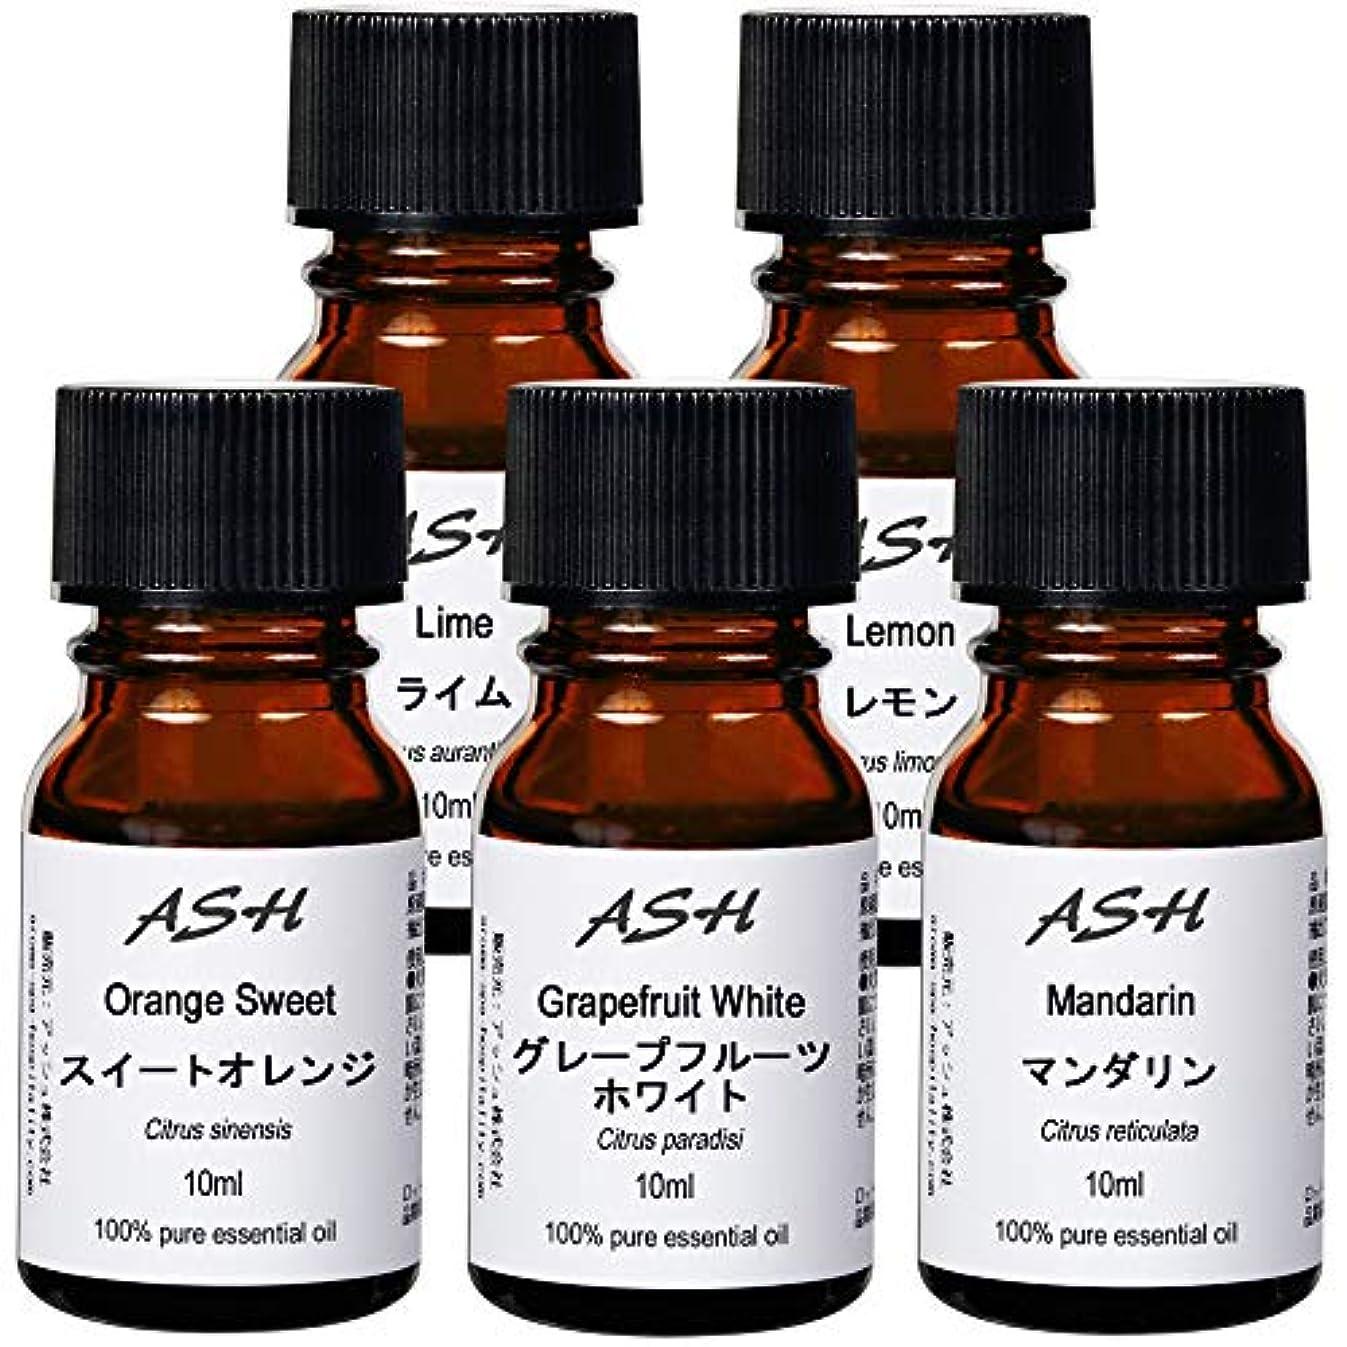 下品野なネックレットASH エッセンシャルオイル C.シトラス 10mlx5本セット (グレープフルーツホワイト/スイートオレンジ/マンダリン/ライム/レモン) AEAJ認定精油